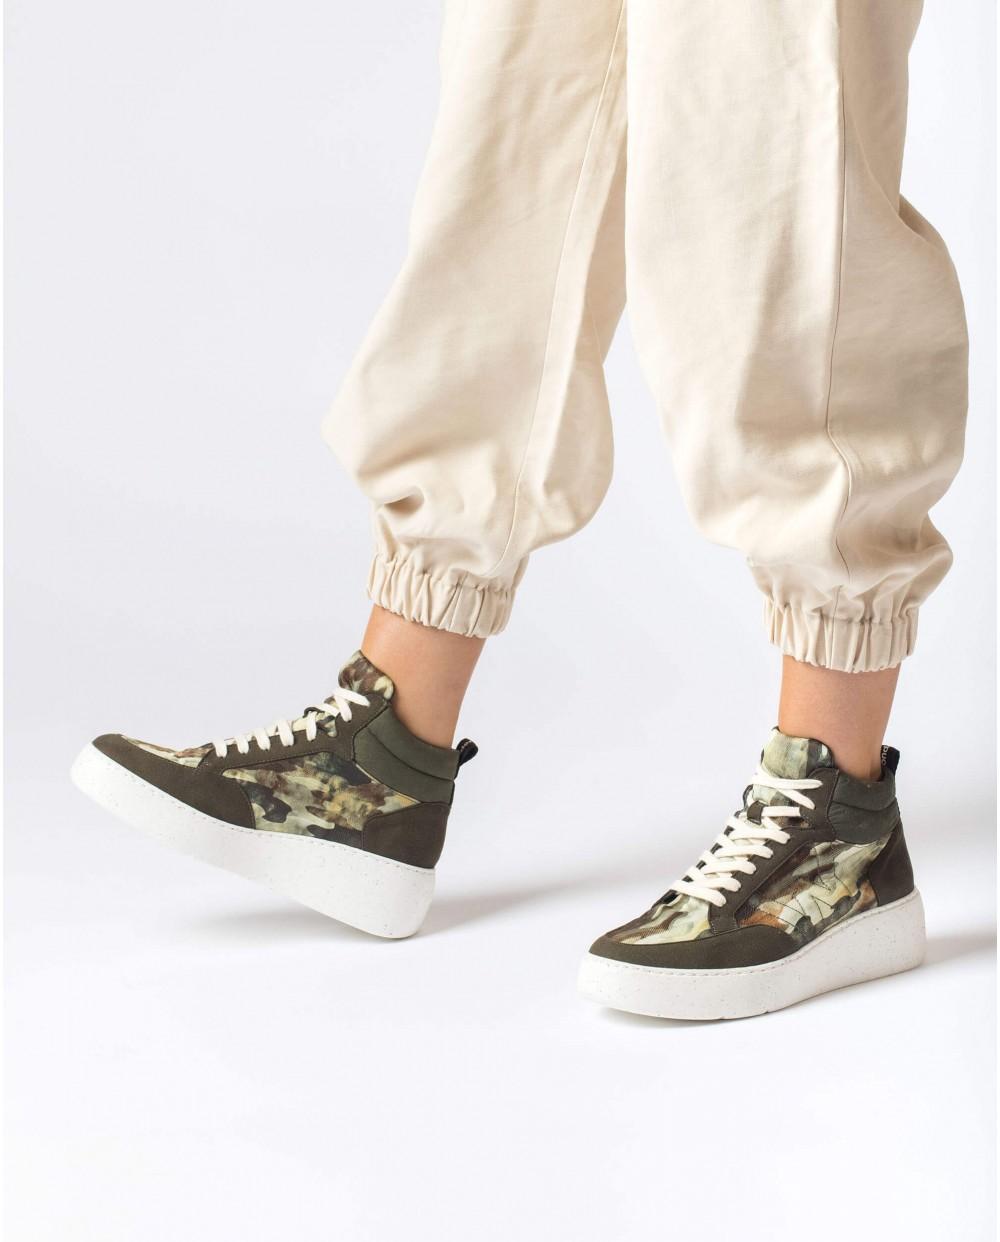 Green Vega Ankle boot